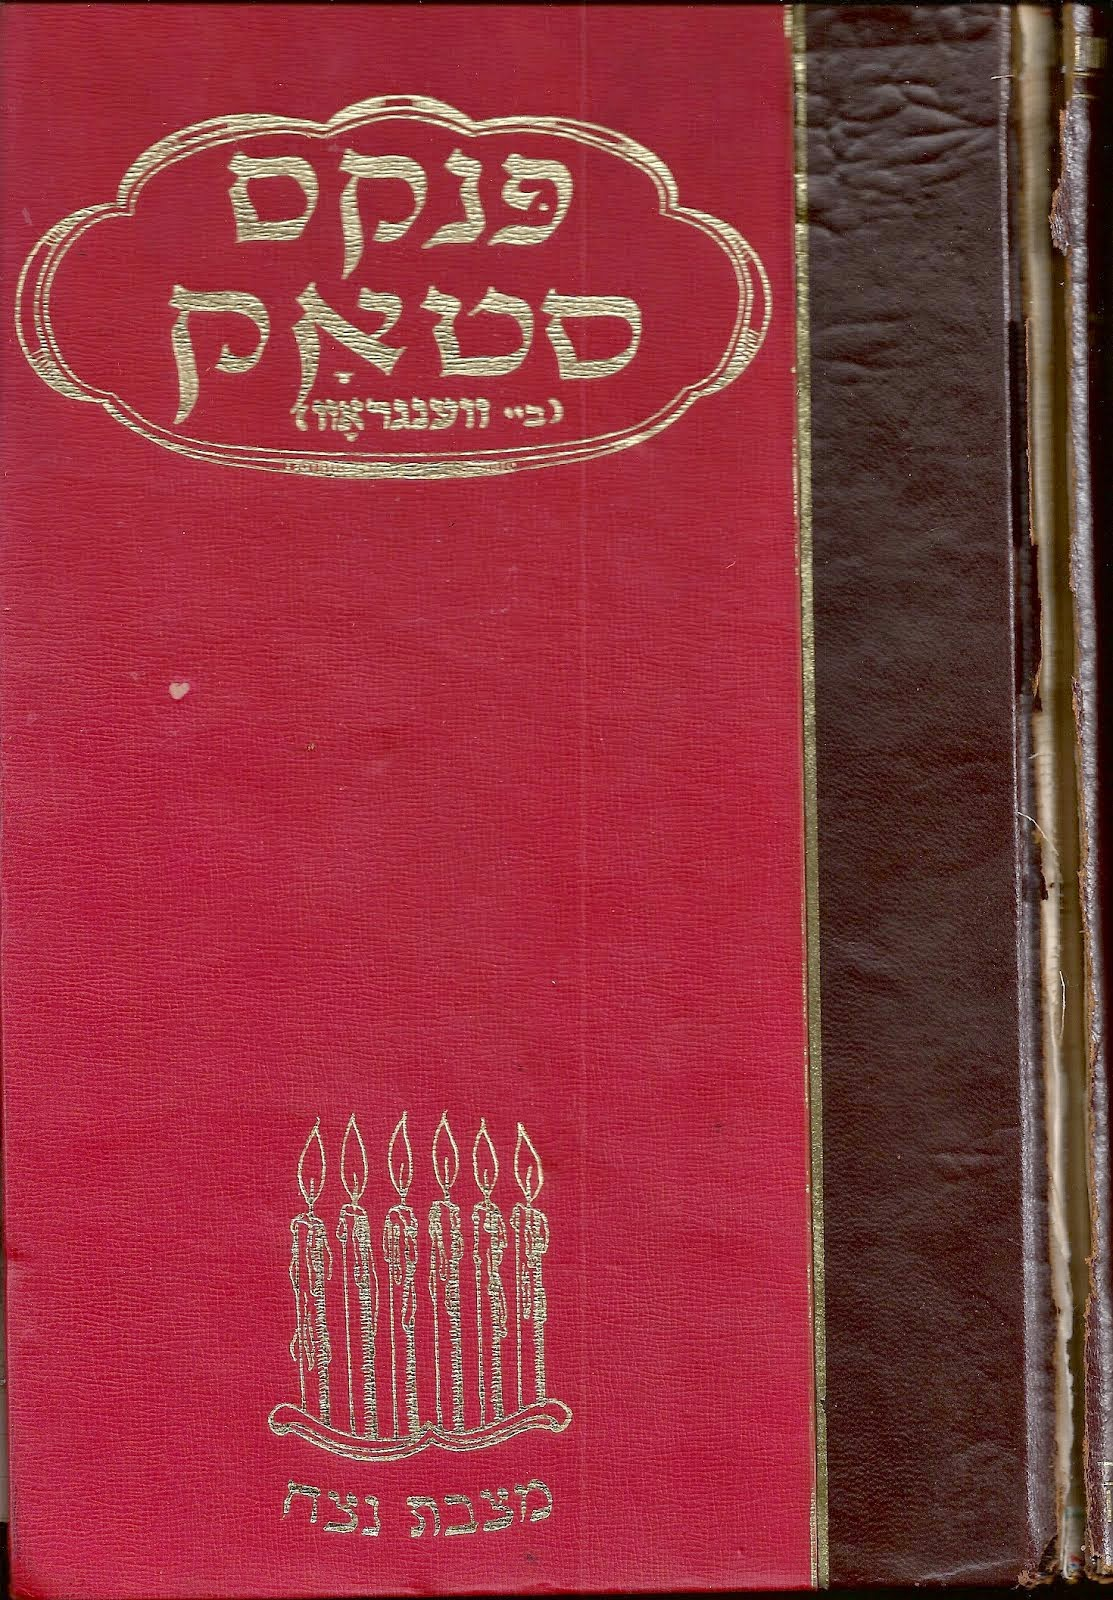 Libro recordatorio de Stok, Buenos Aires 1974